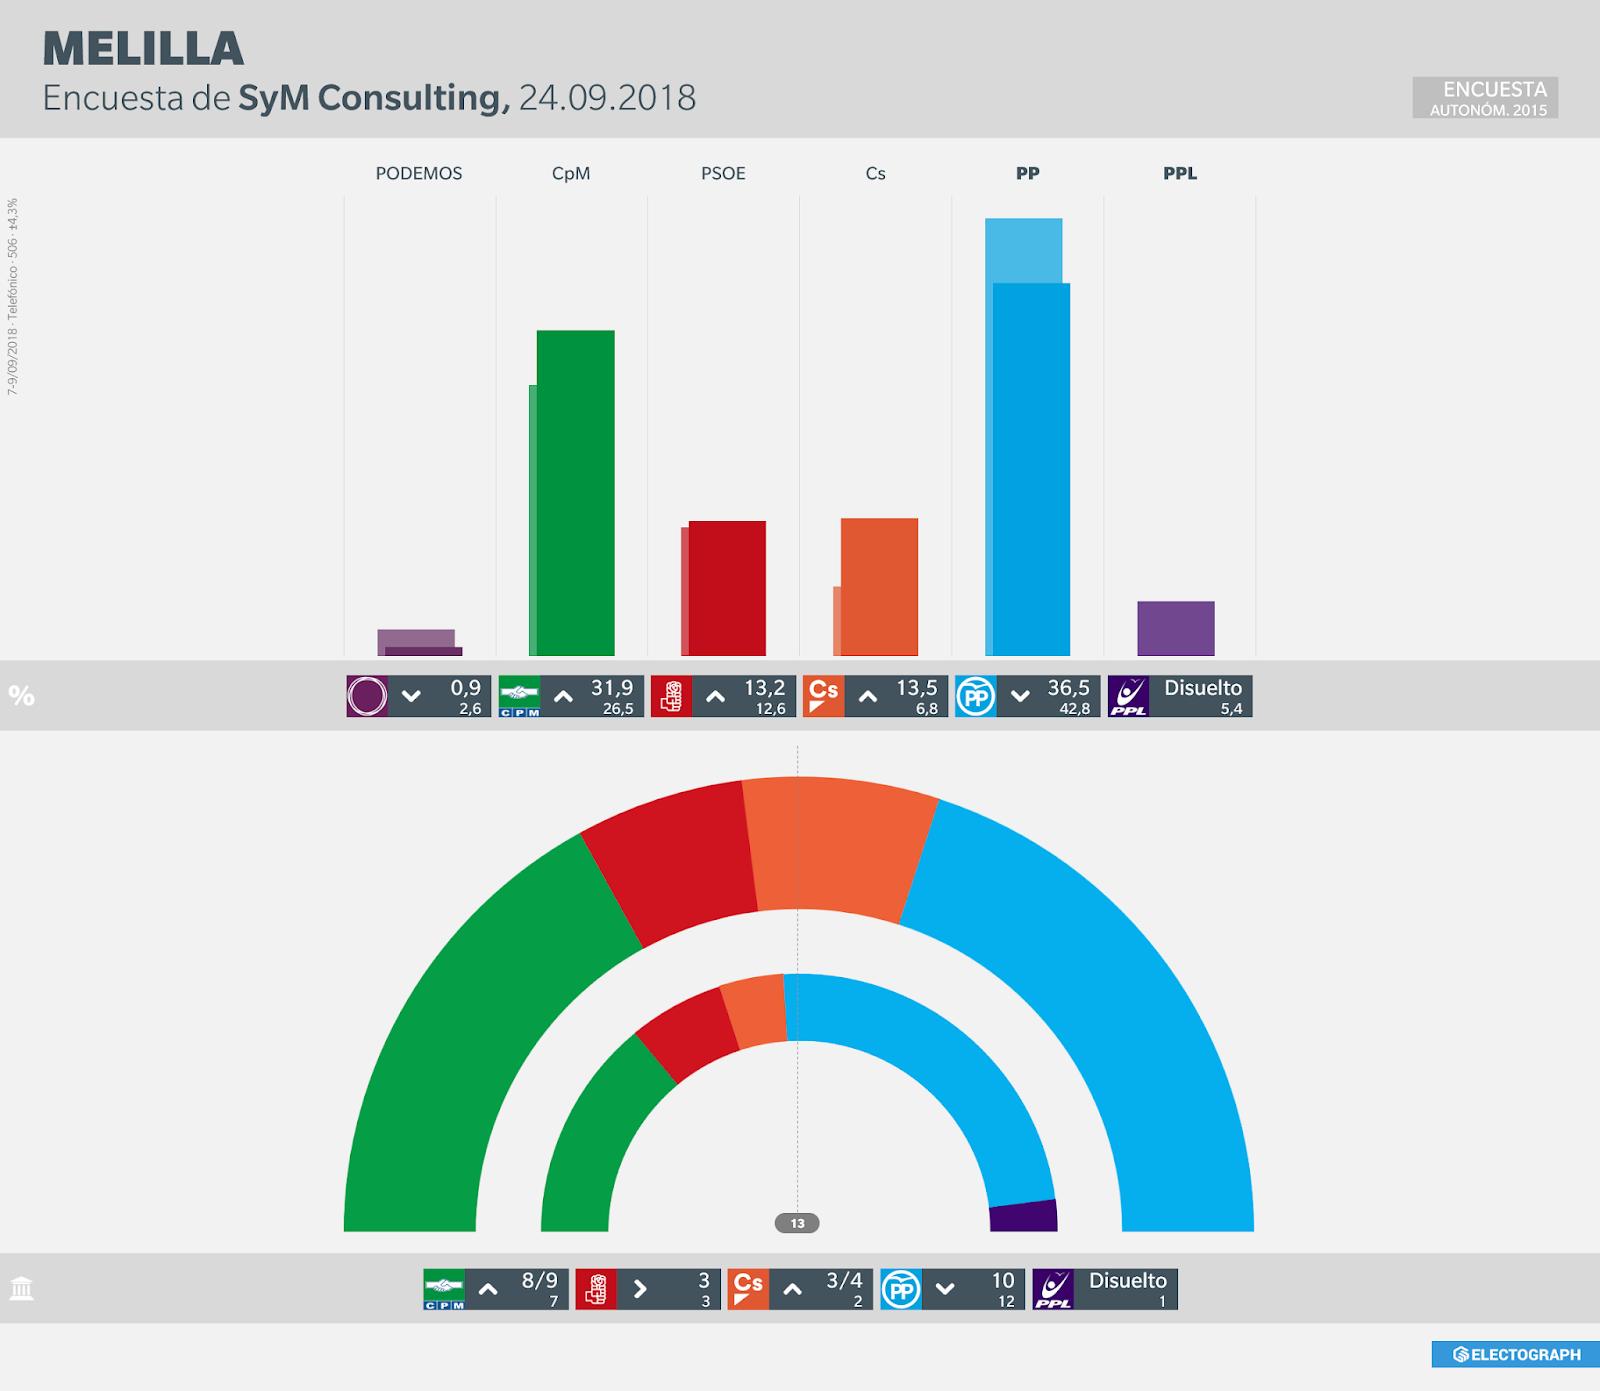 Gráfico de la encuesta para elecciones autonómicas en Melilla realizada por SyM Consulting en septiembre de 2018